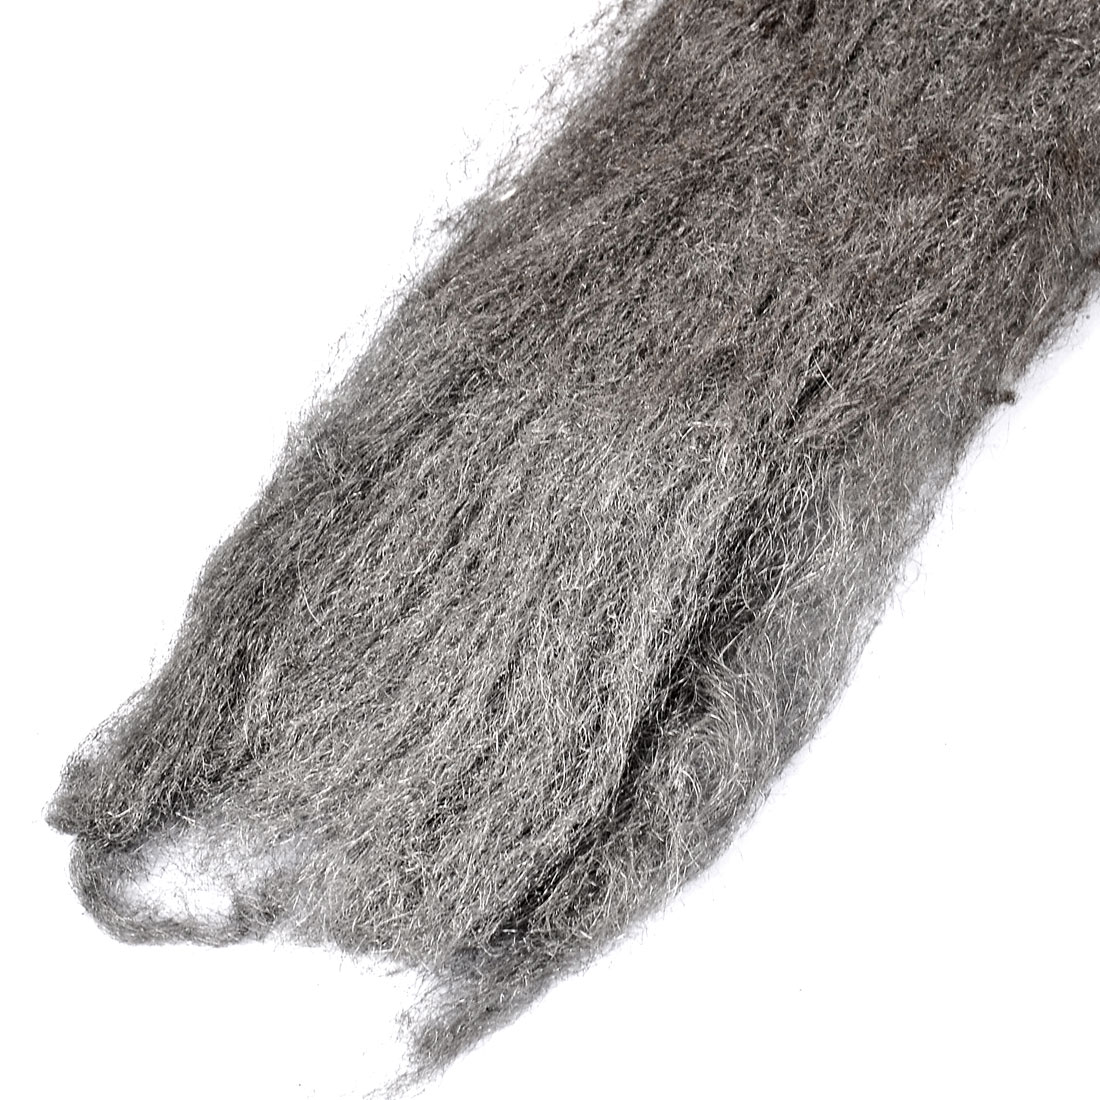 fil acier tampons de laine polissage polissage pon age outil rouille Dissolvant - image 1 de 2